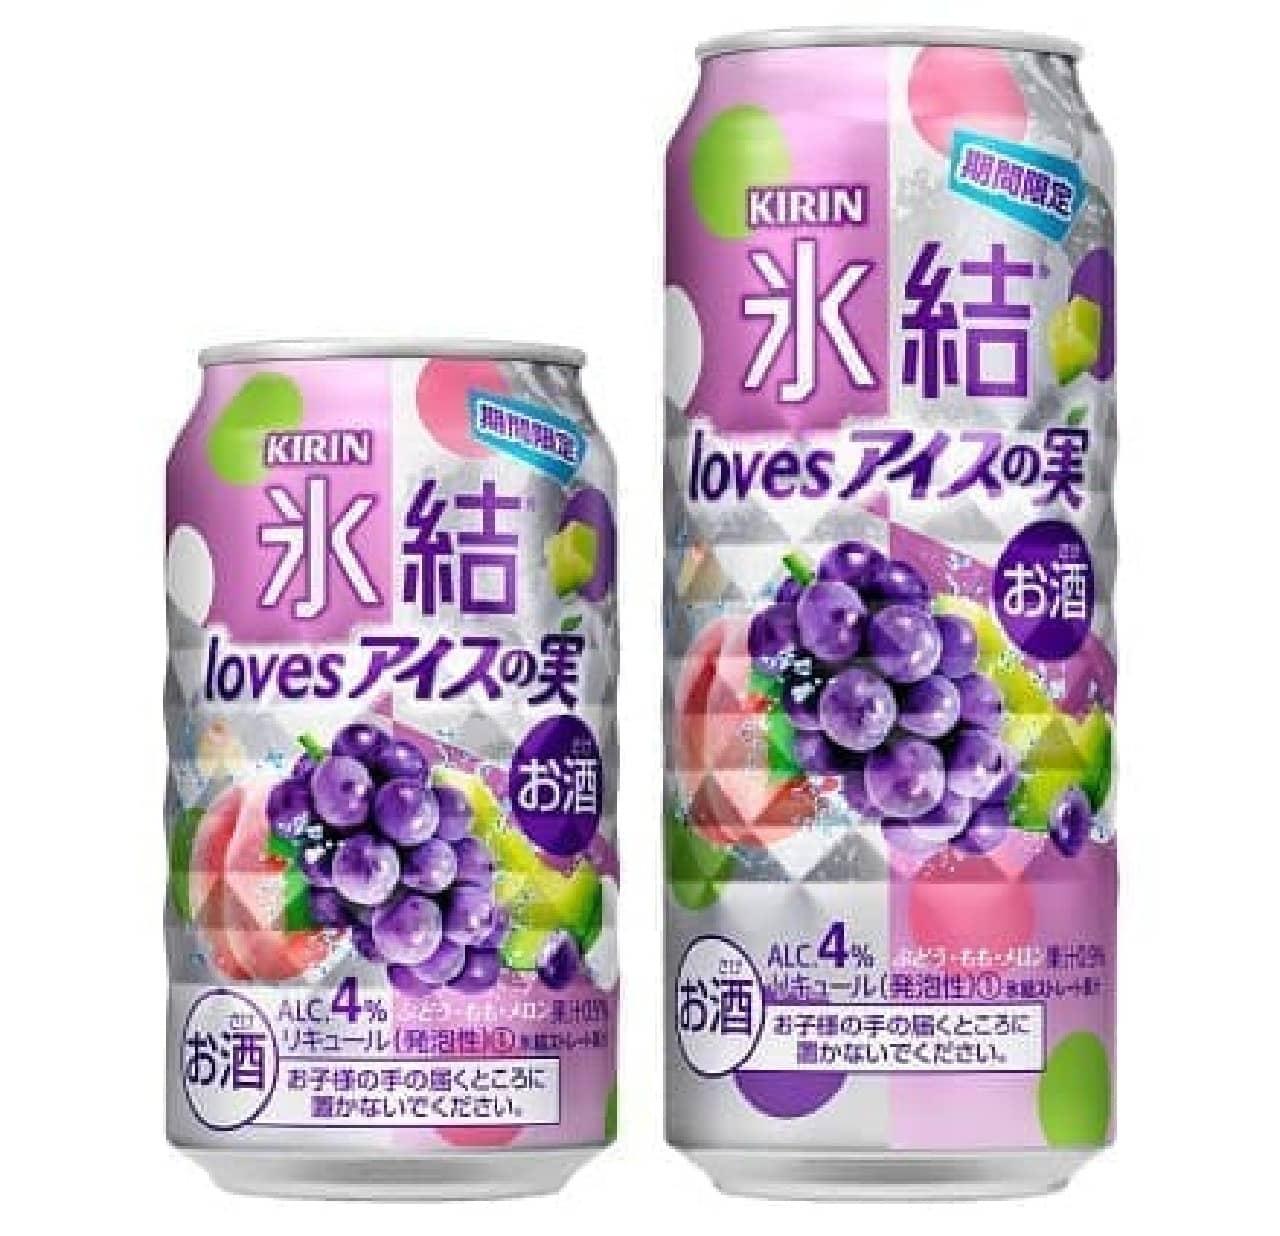 キリン 氷結 loves アイスの実(期間限定)